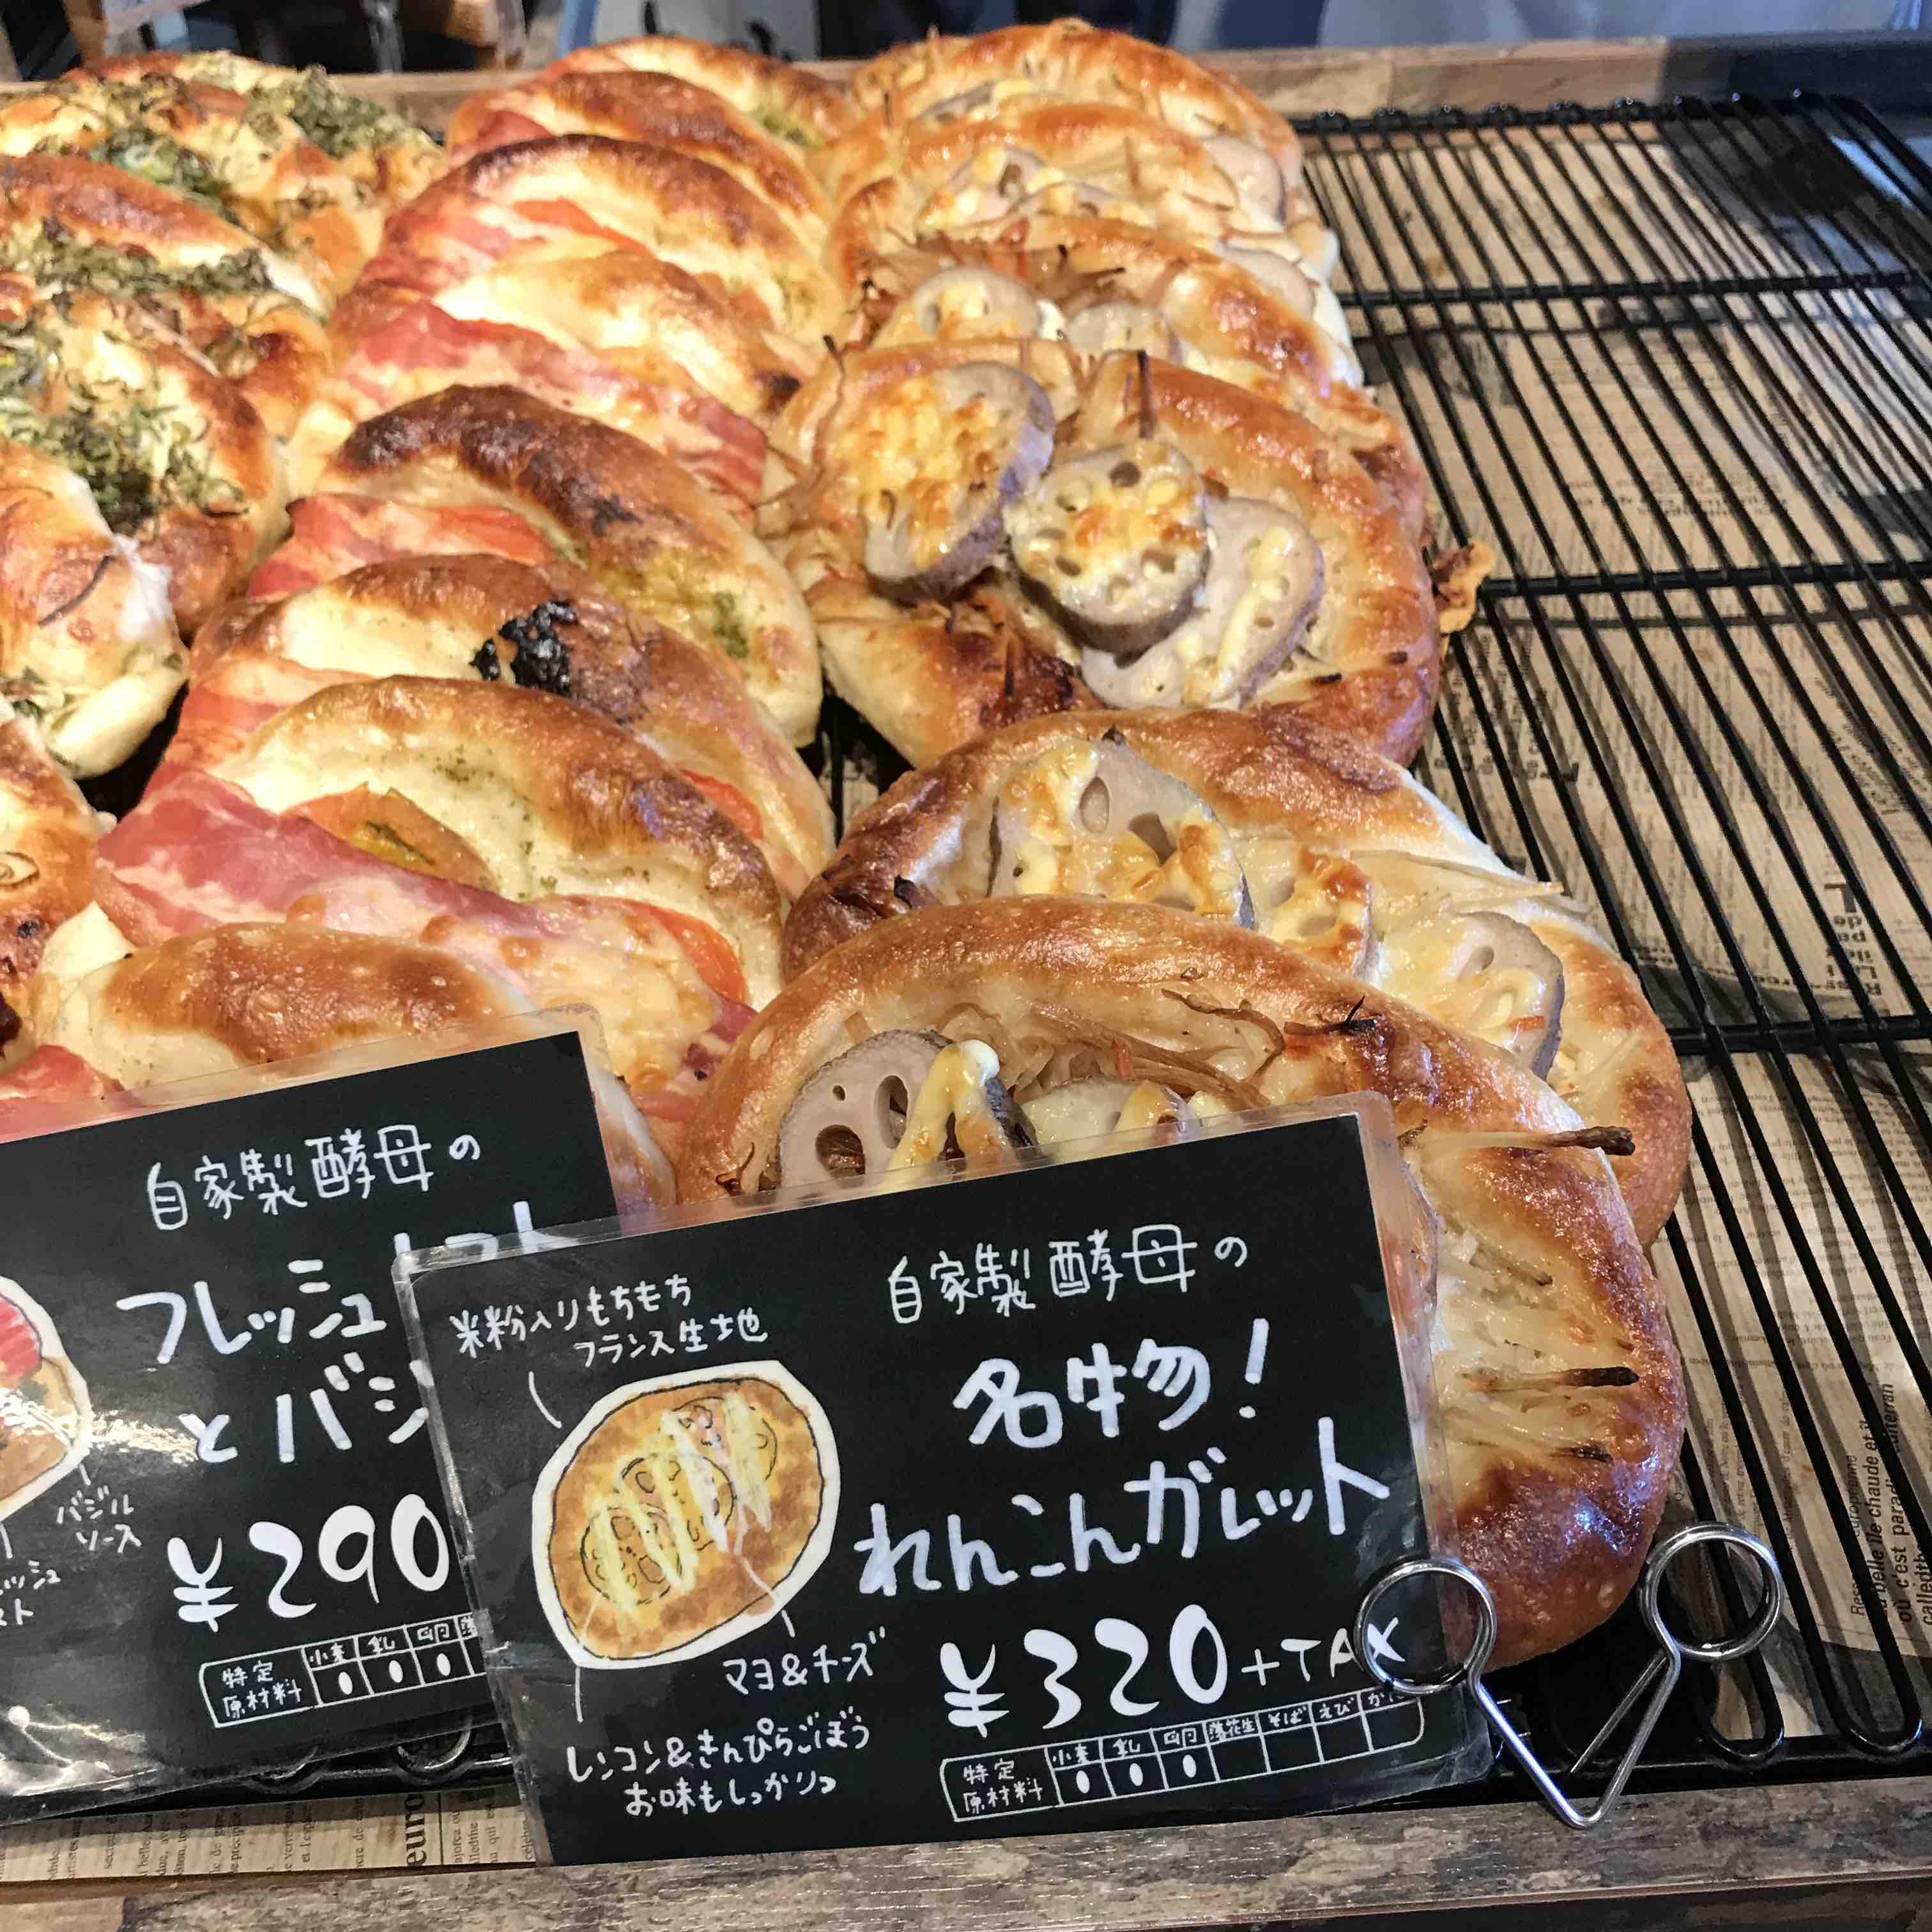 れんこんパンから見える食の嗜好